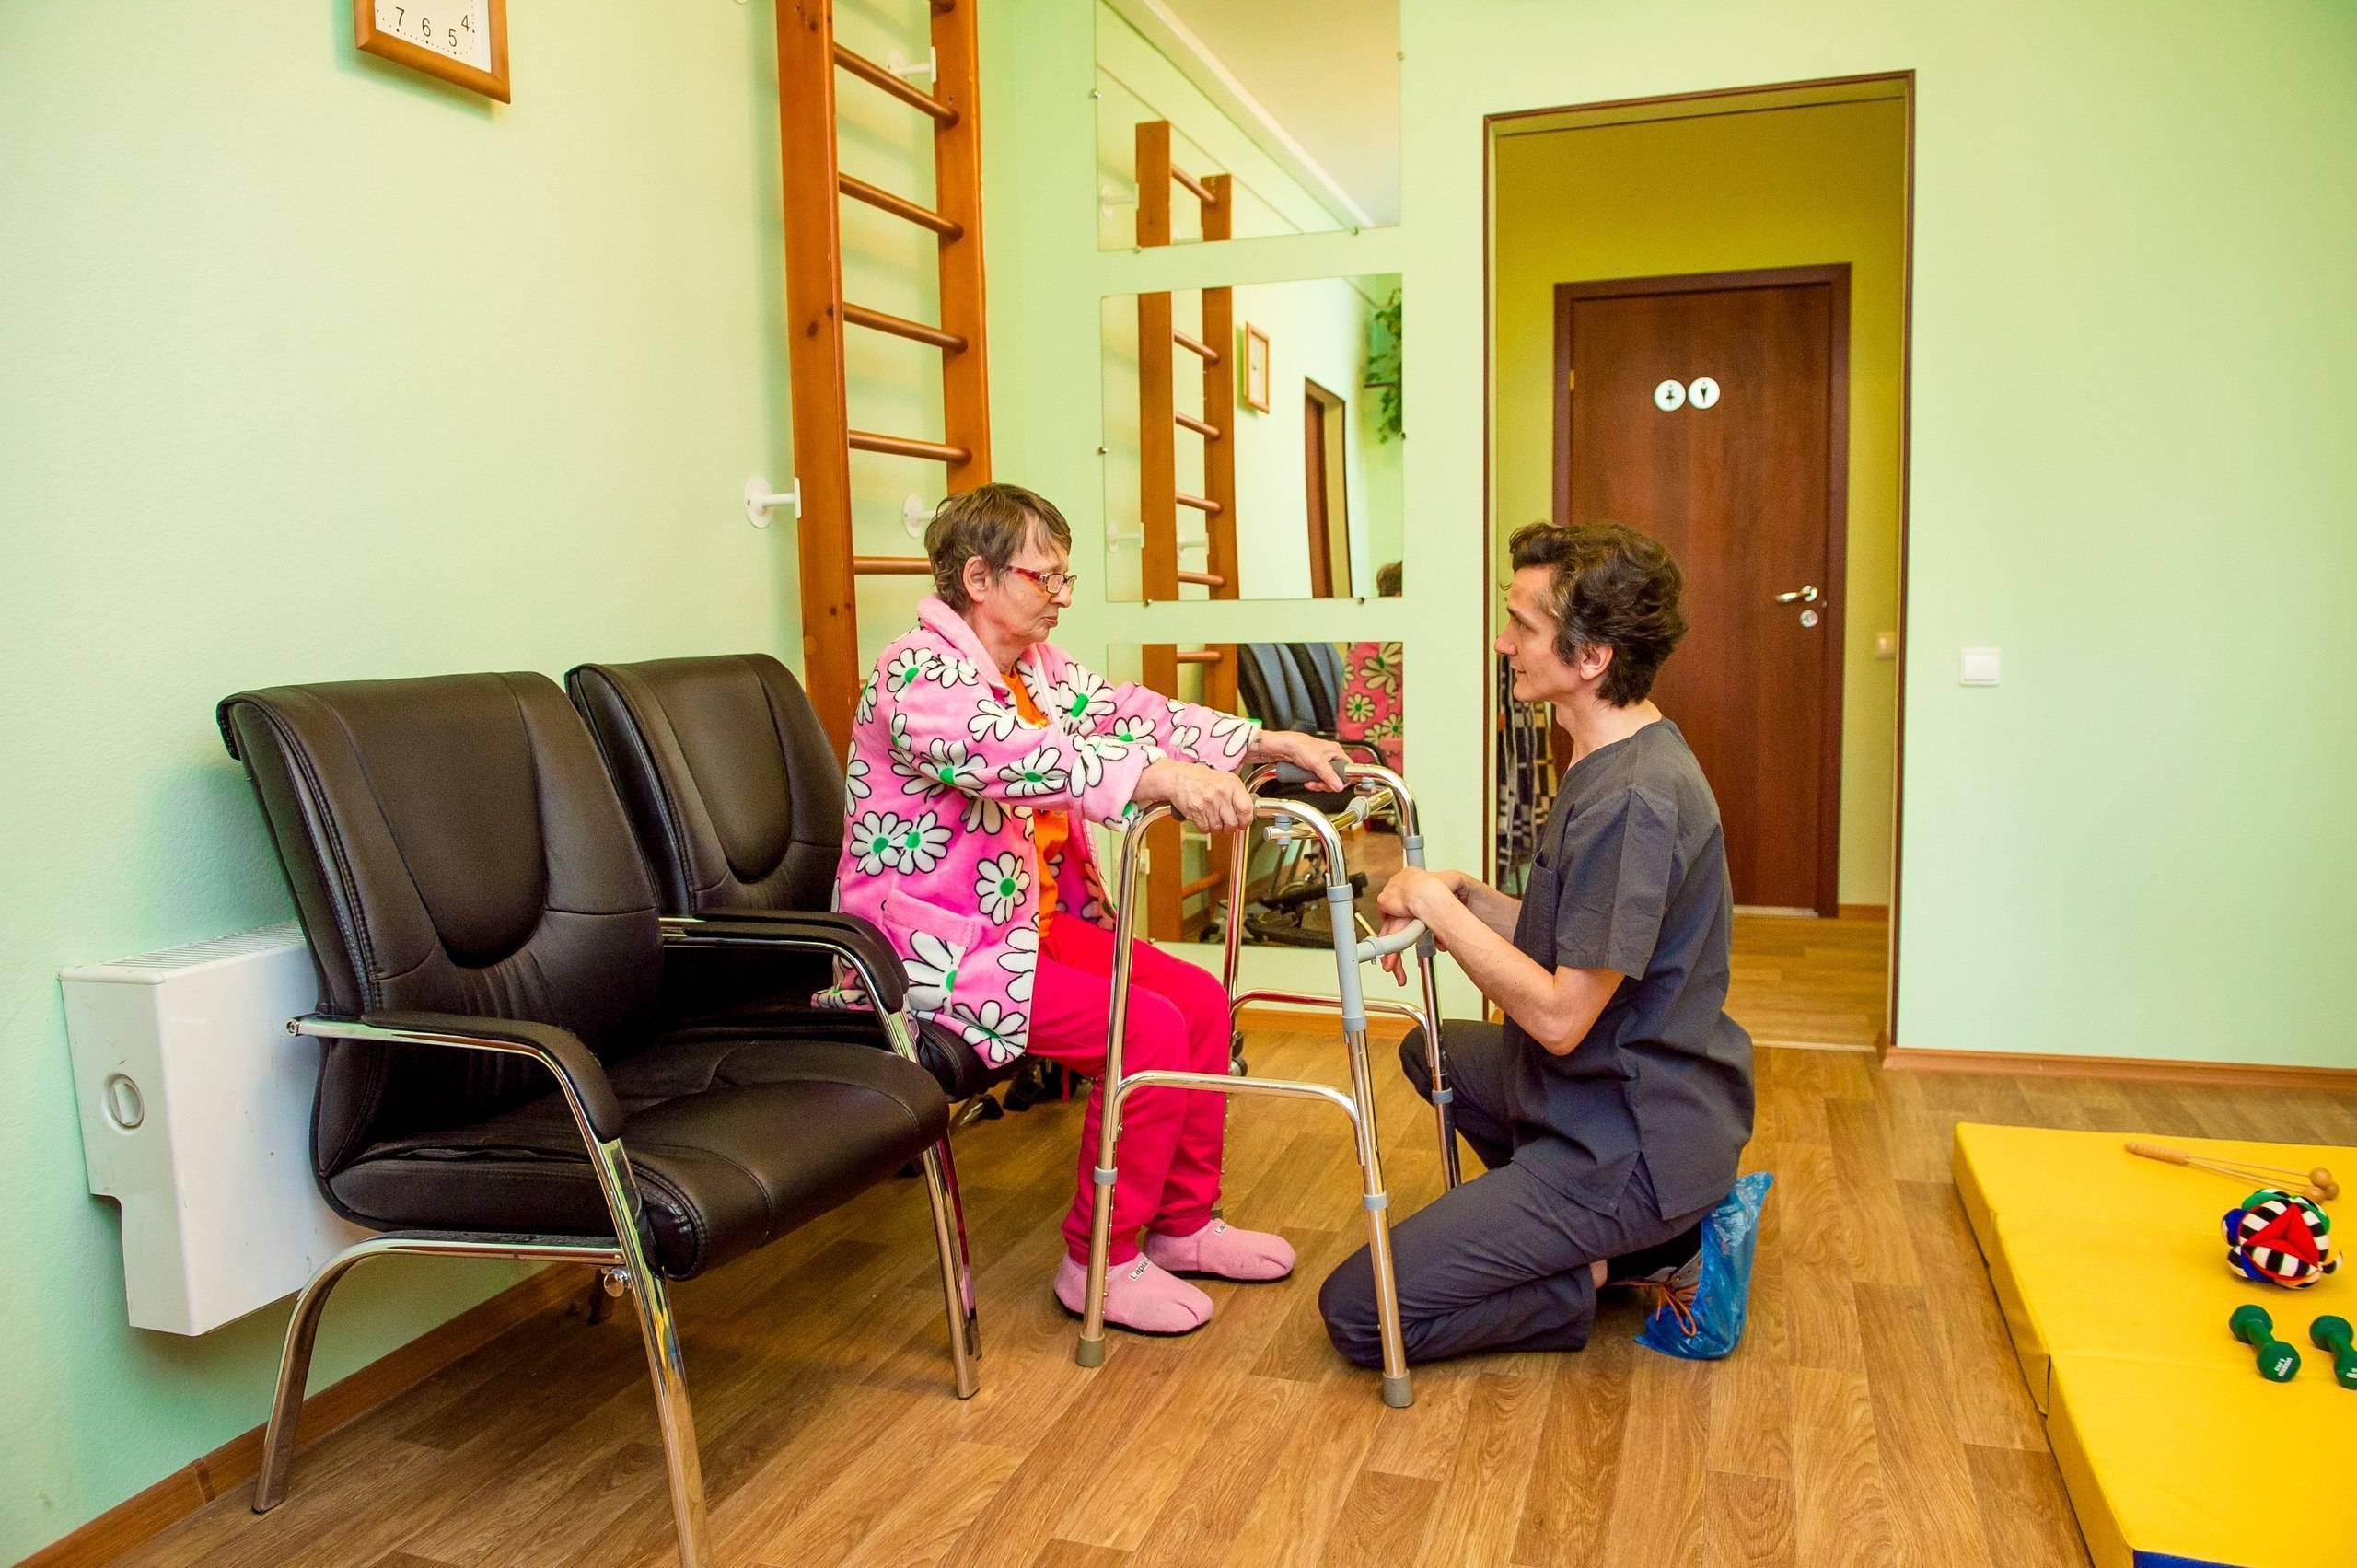 Лечение и реабилитация в испании: особенности, клиники, стоимость